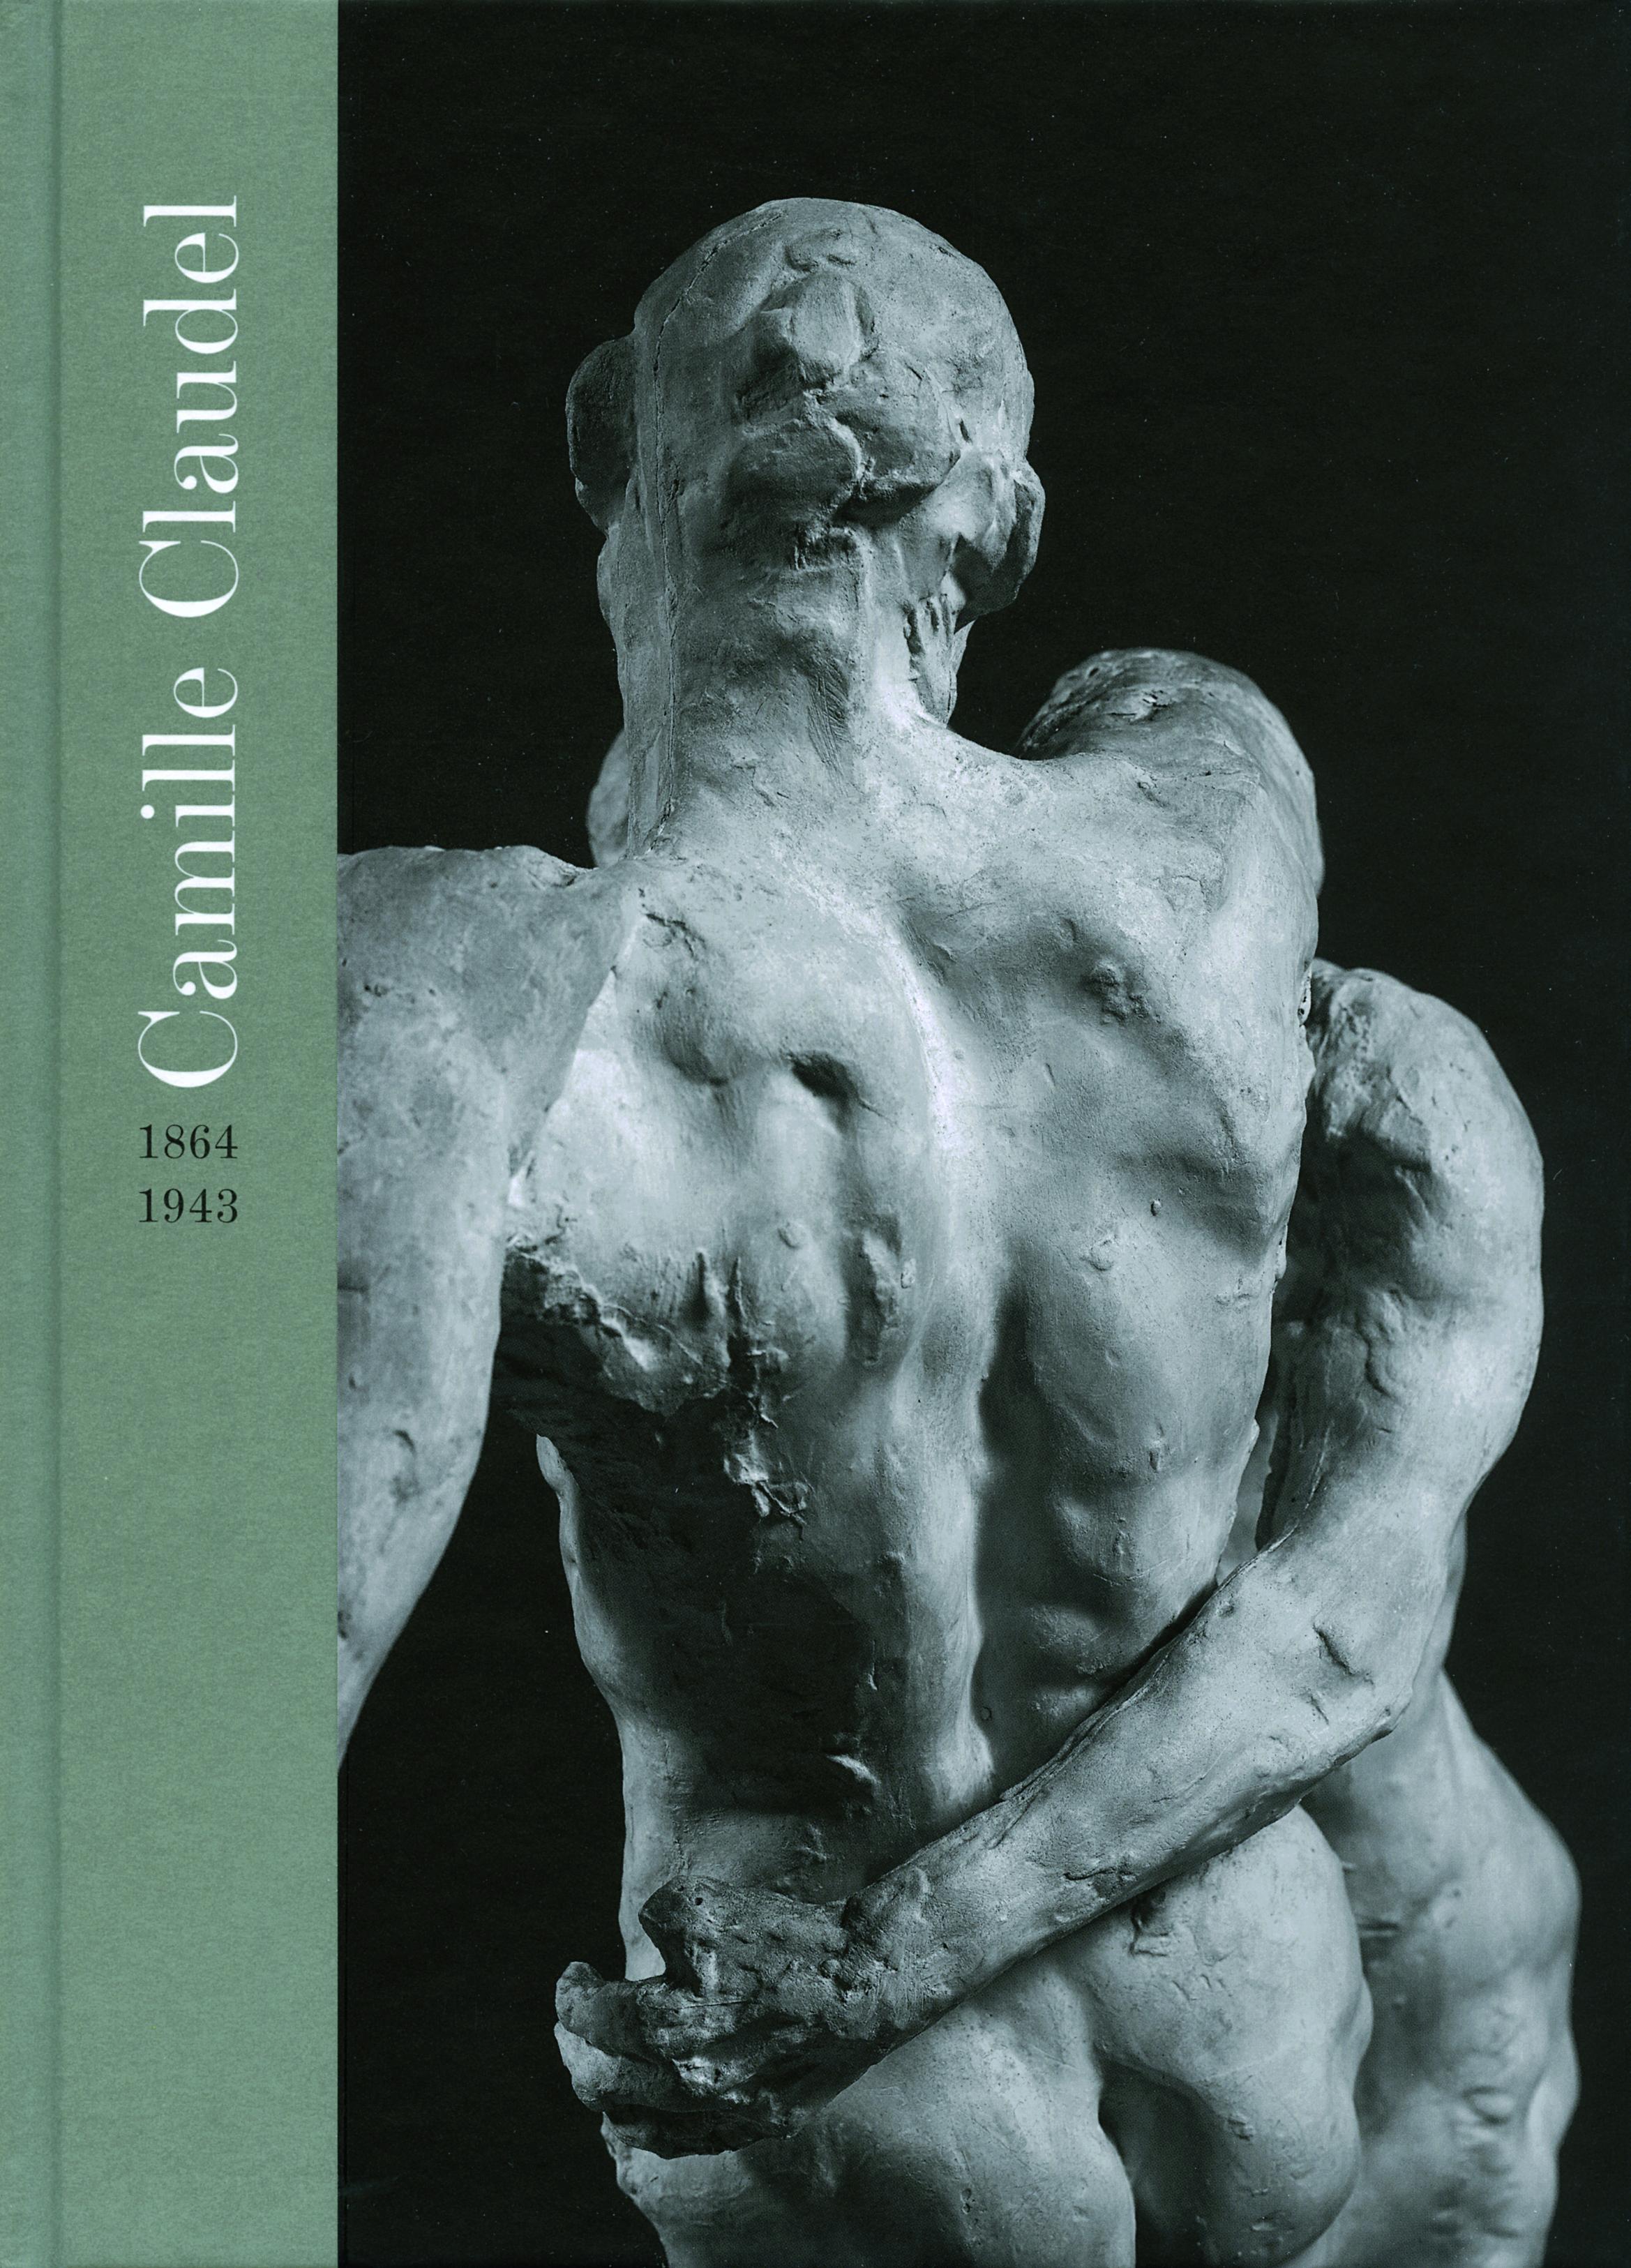 CAMILLE CLAUDEL 1864 1943 - (1864-1943)